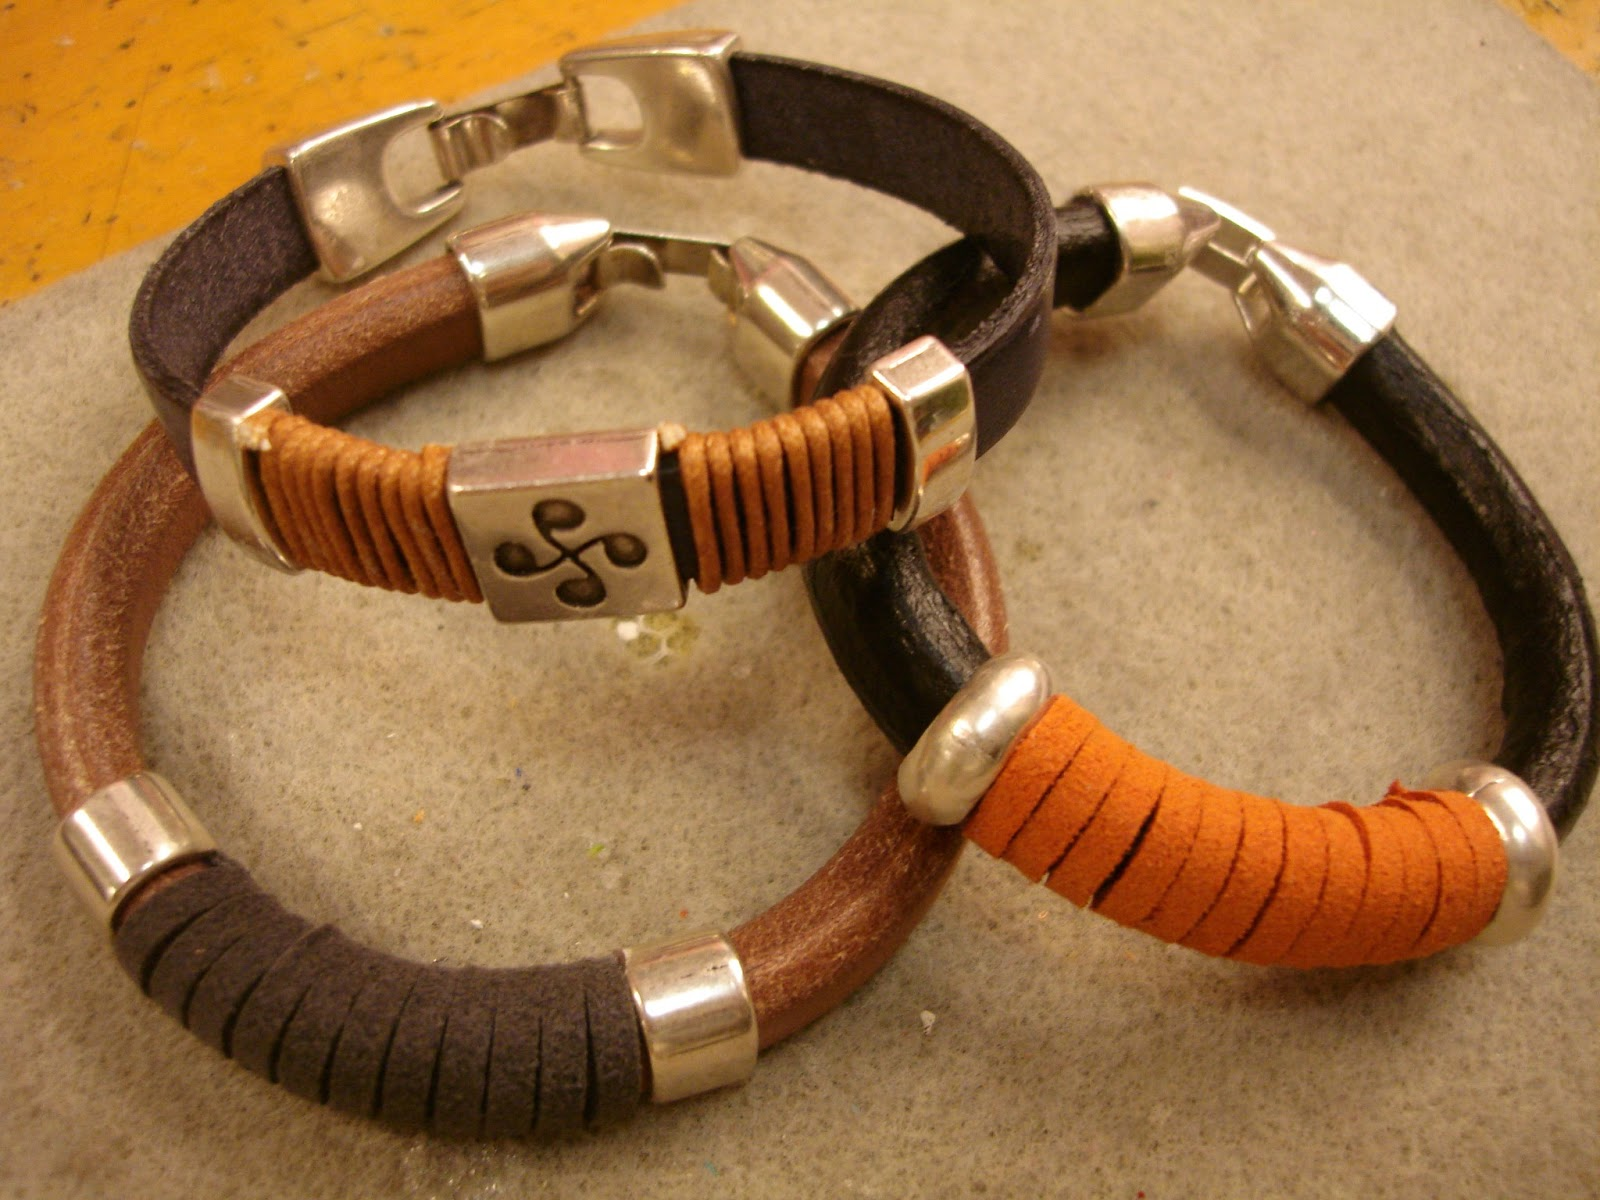 imagenes de pulseras bisuteria - imagenes de pulseras | La Bisuteria Fotos de accesorios Aretes, Pulseras, Collares